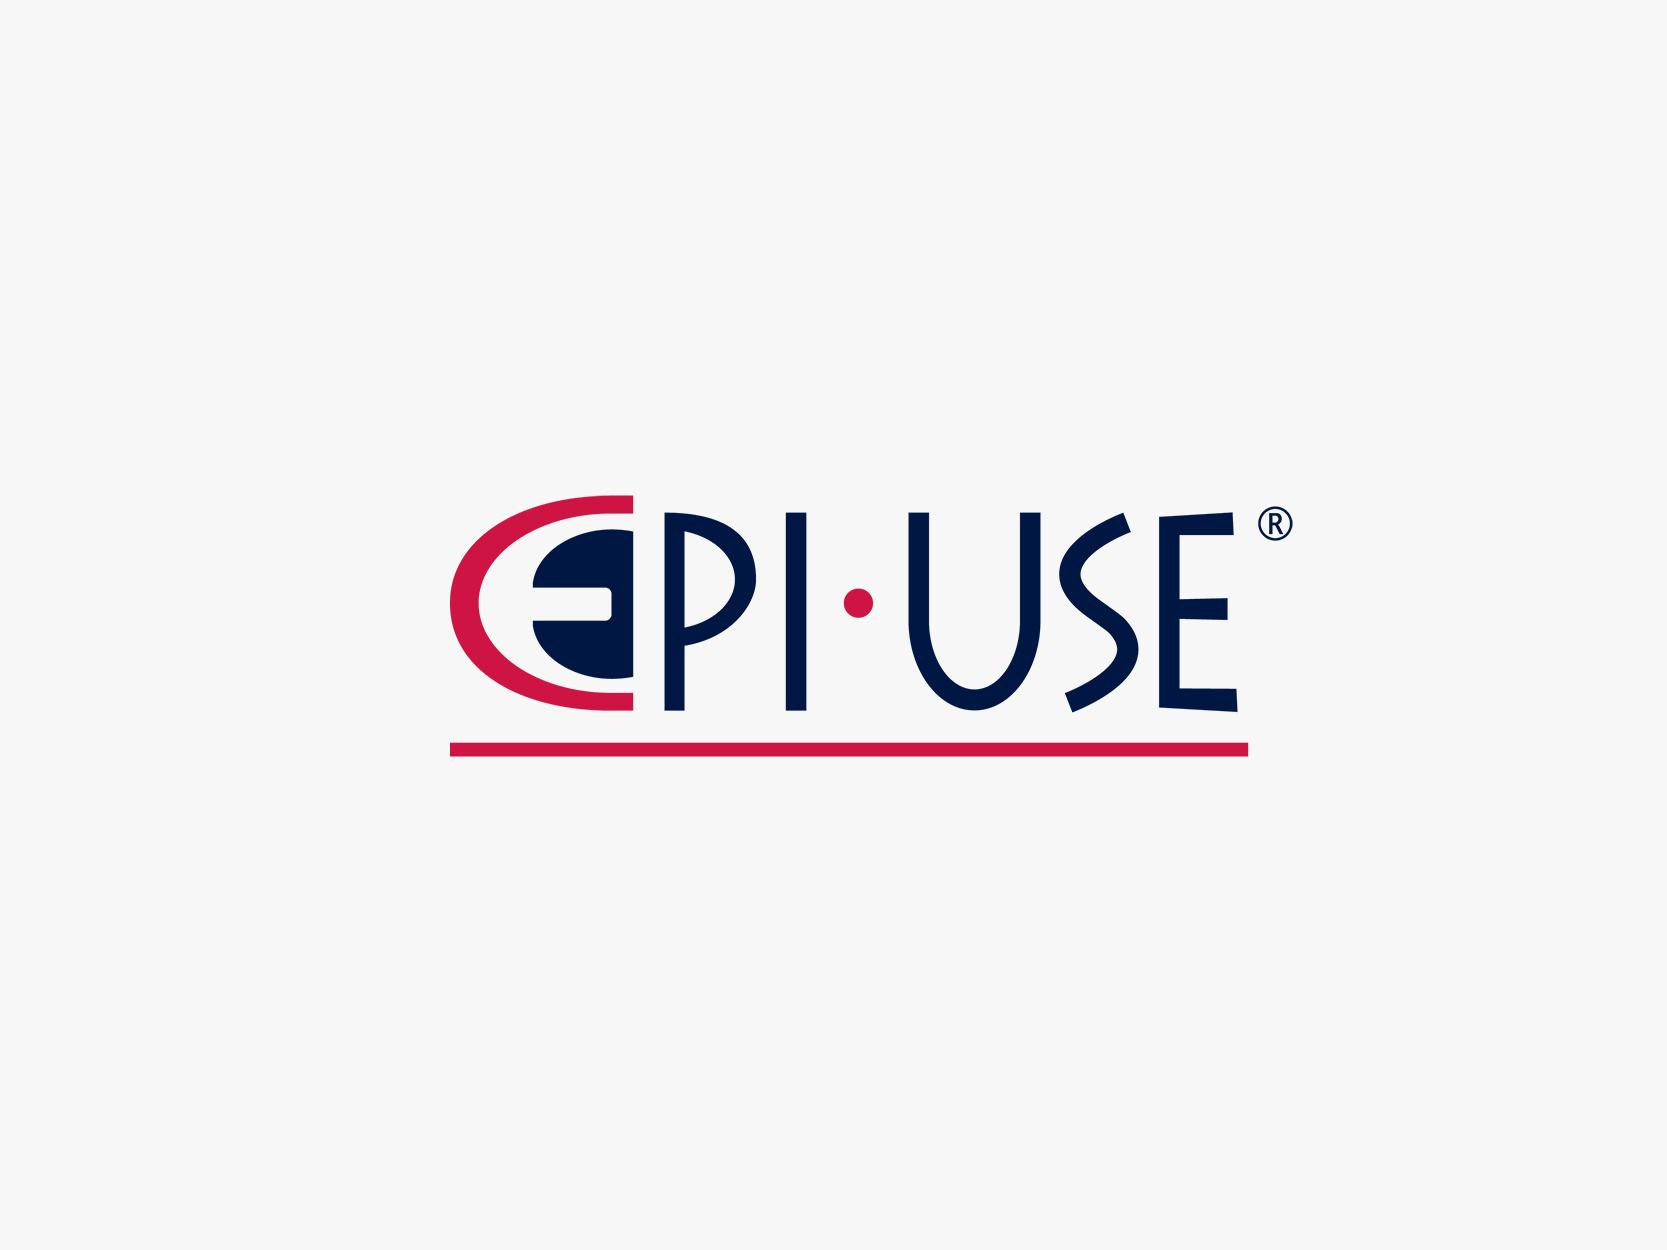 with_level_EPI-USE-logo_2011_pantone.jpg